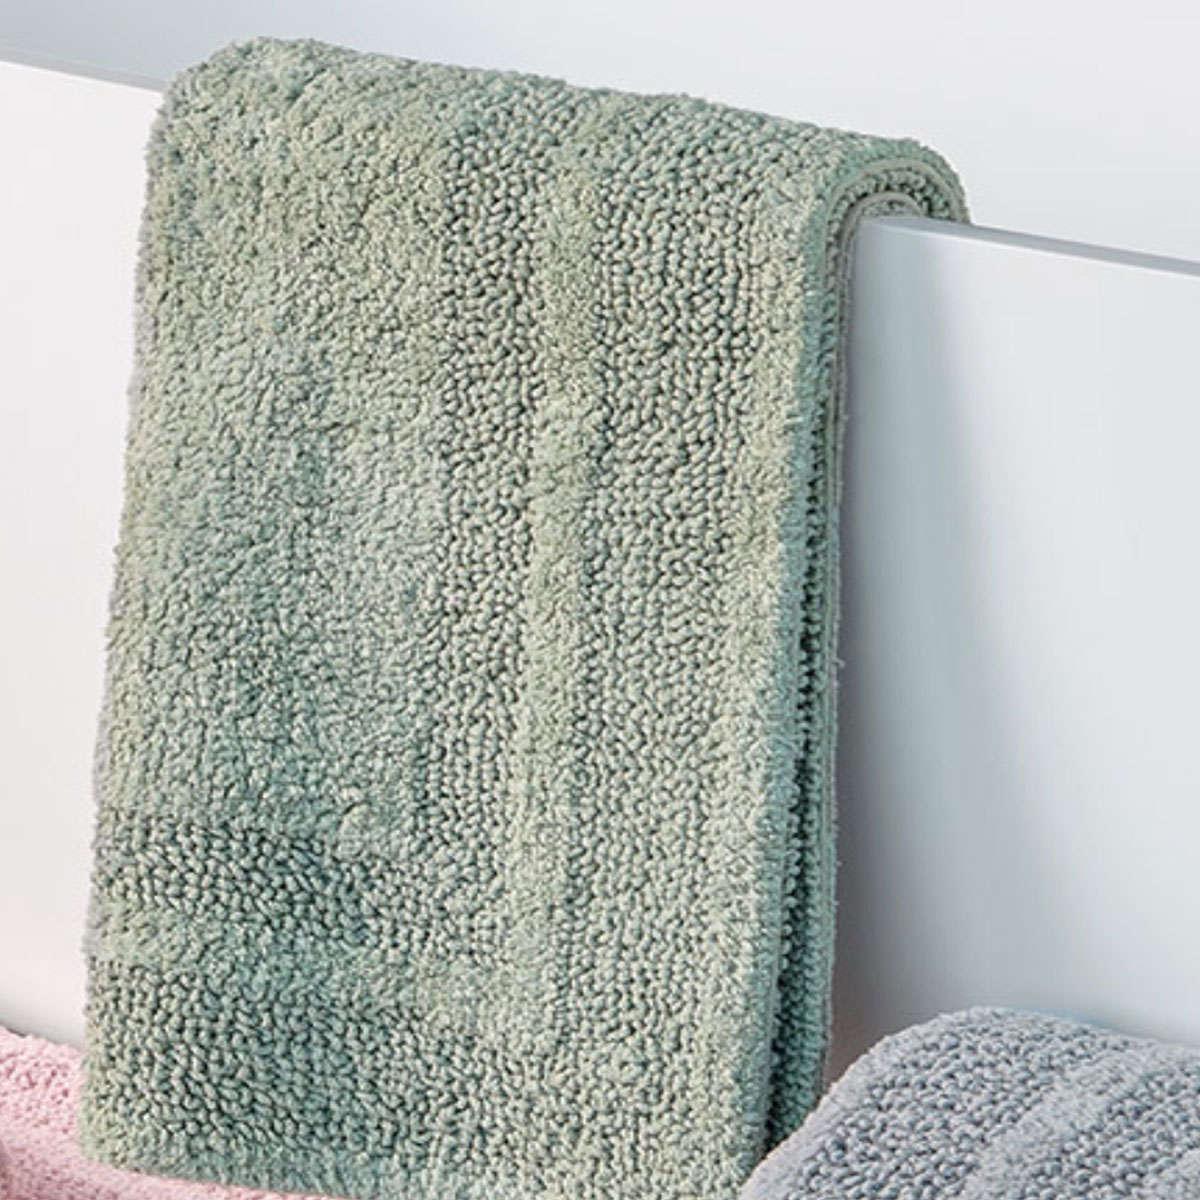 Πατάκι Μπάνιου Marty 10 Green Διπλής Όψης Kentia X-Large 70x110cm